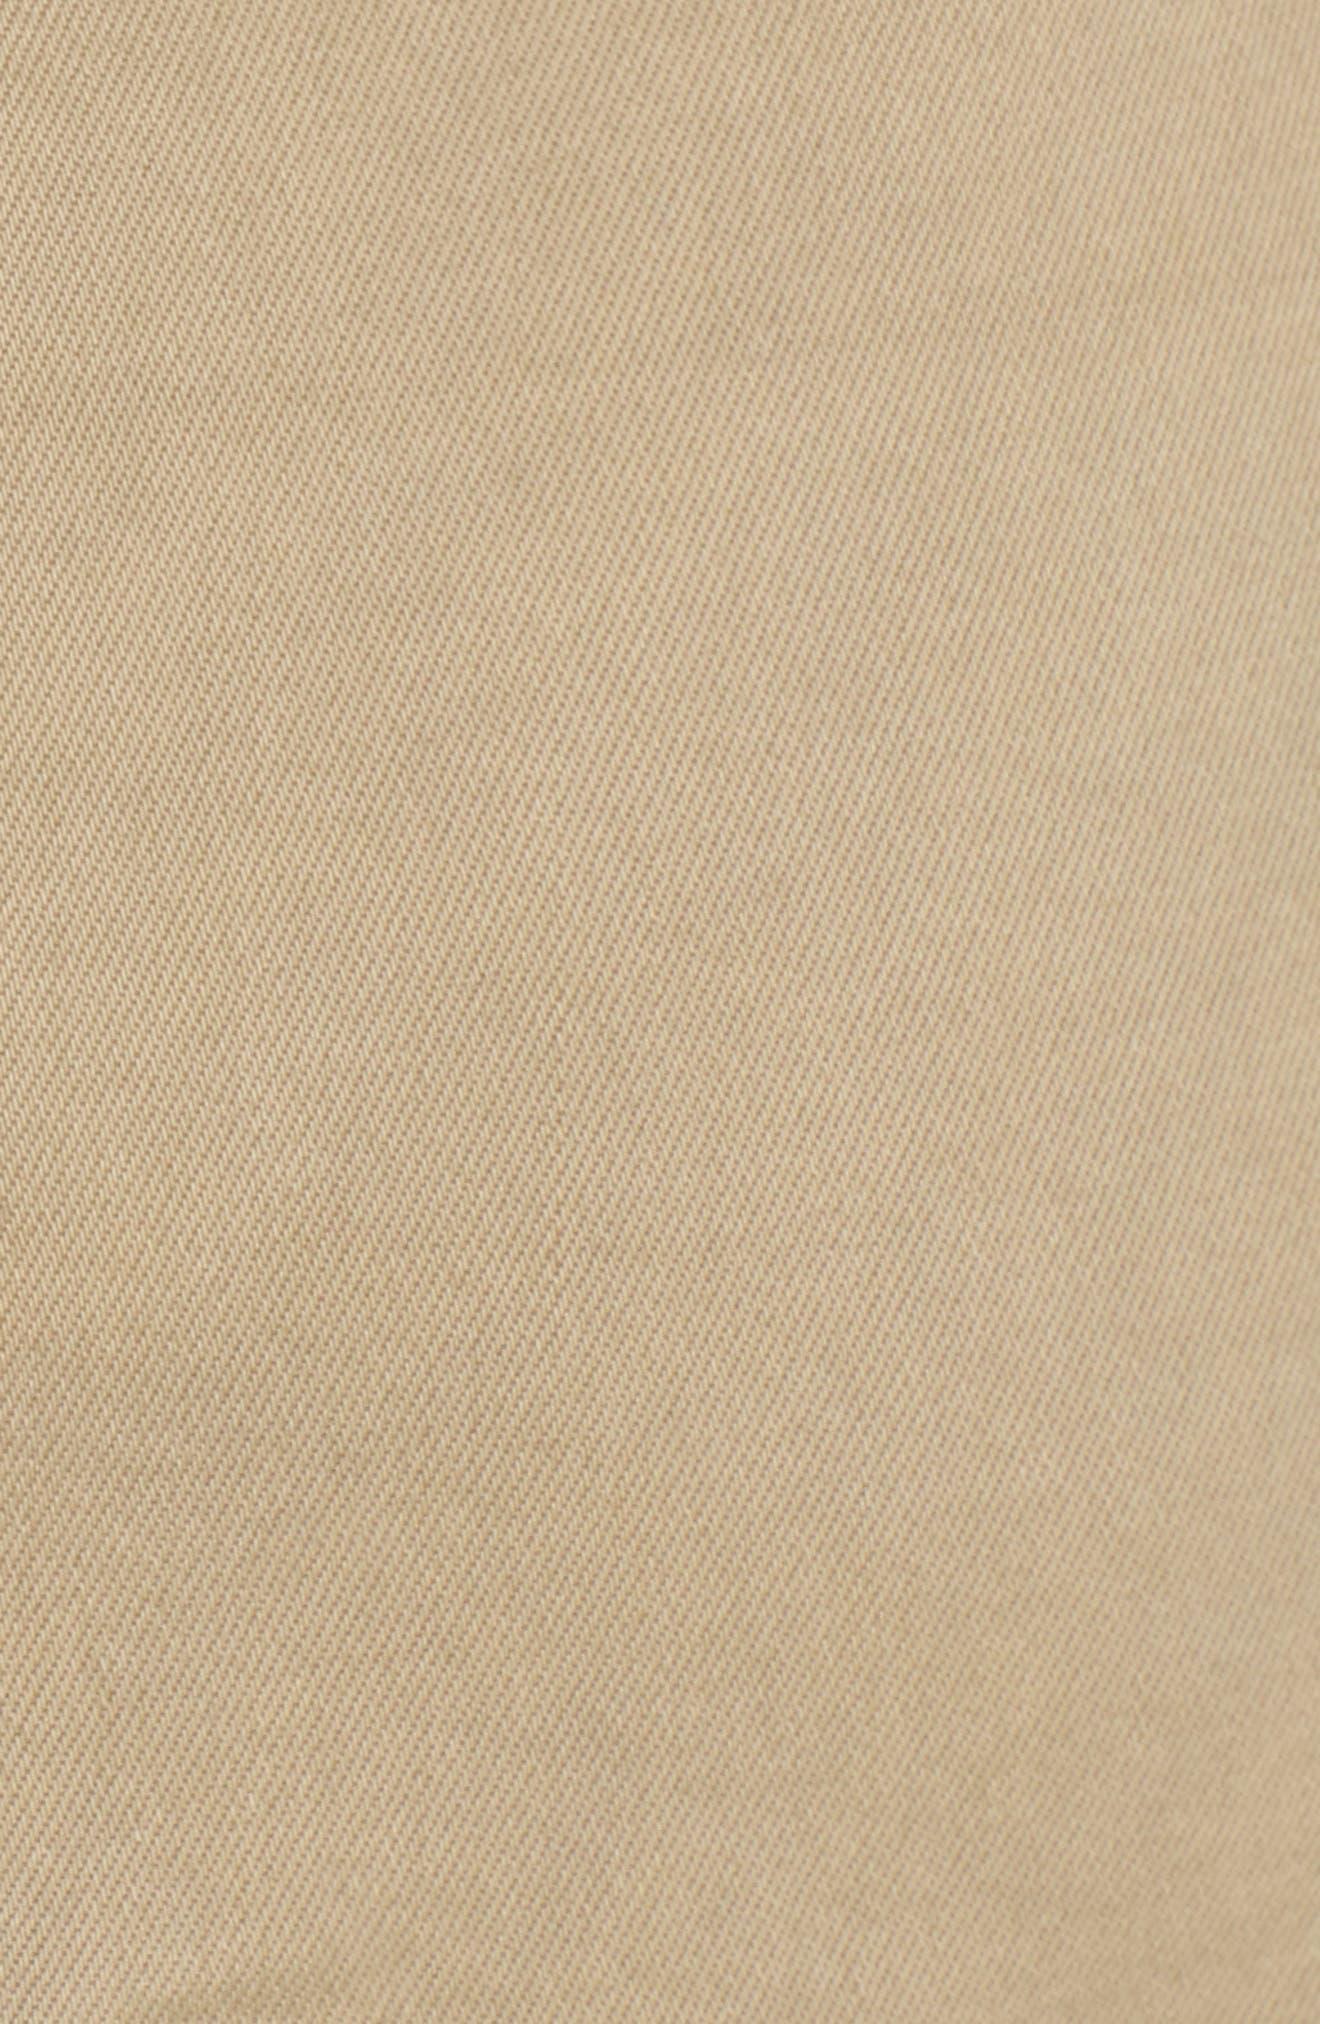 Tiered Fray Hem Skirt,                             Alternate thumbnail 5, color,                             Beige Nougat